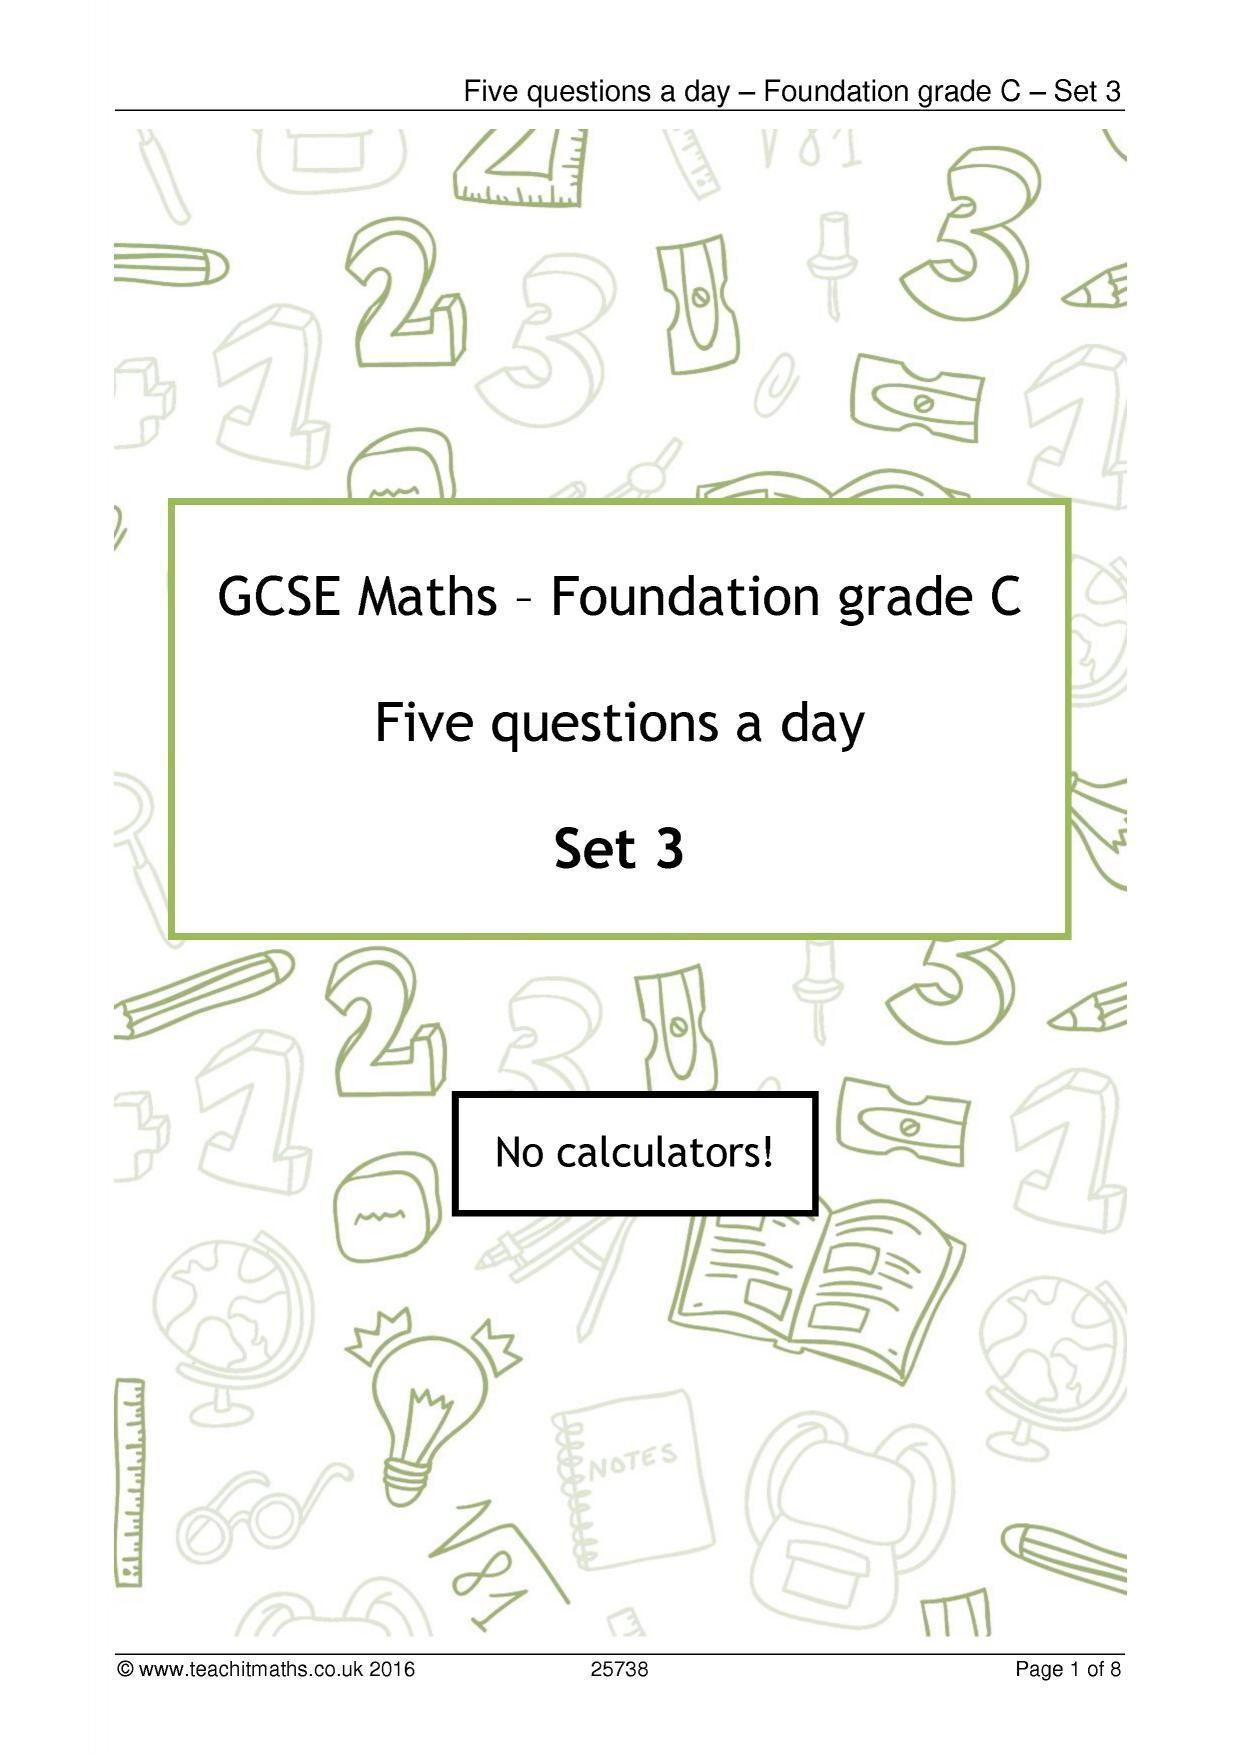 Maths Revision Teaching Resources Teachit Maths